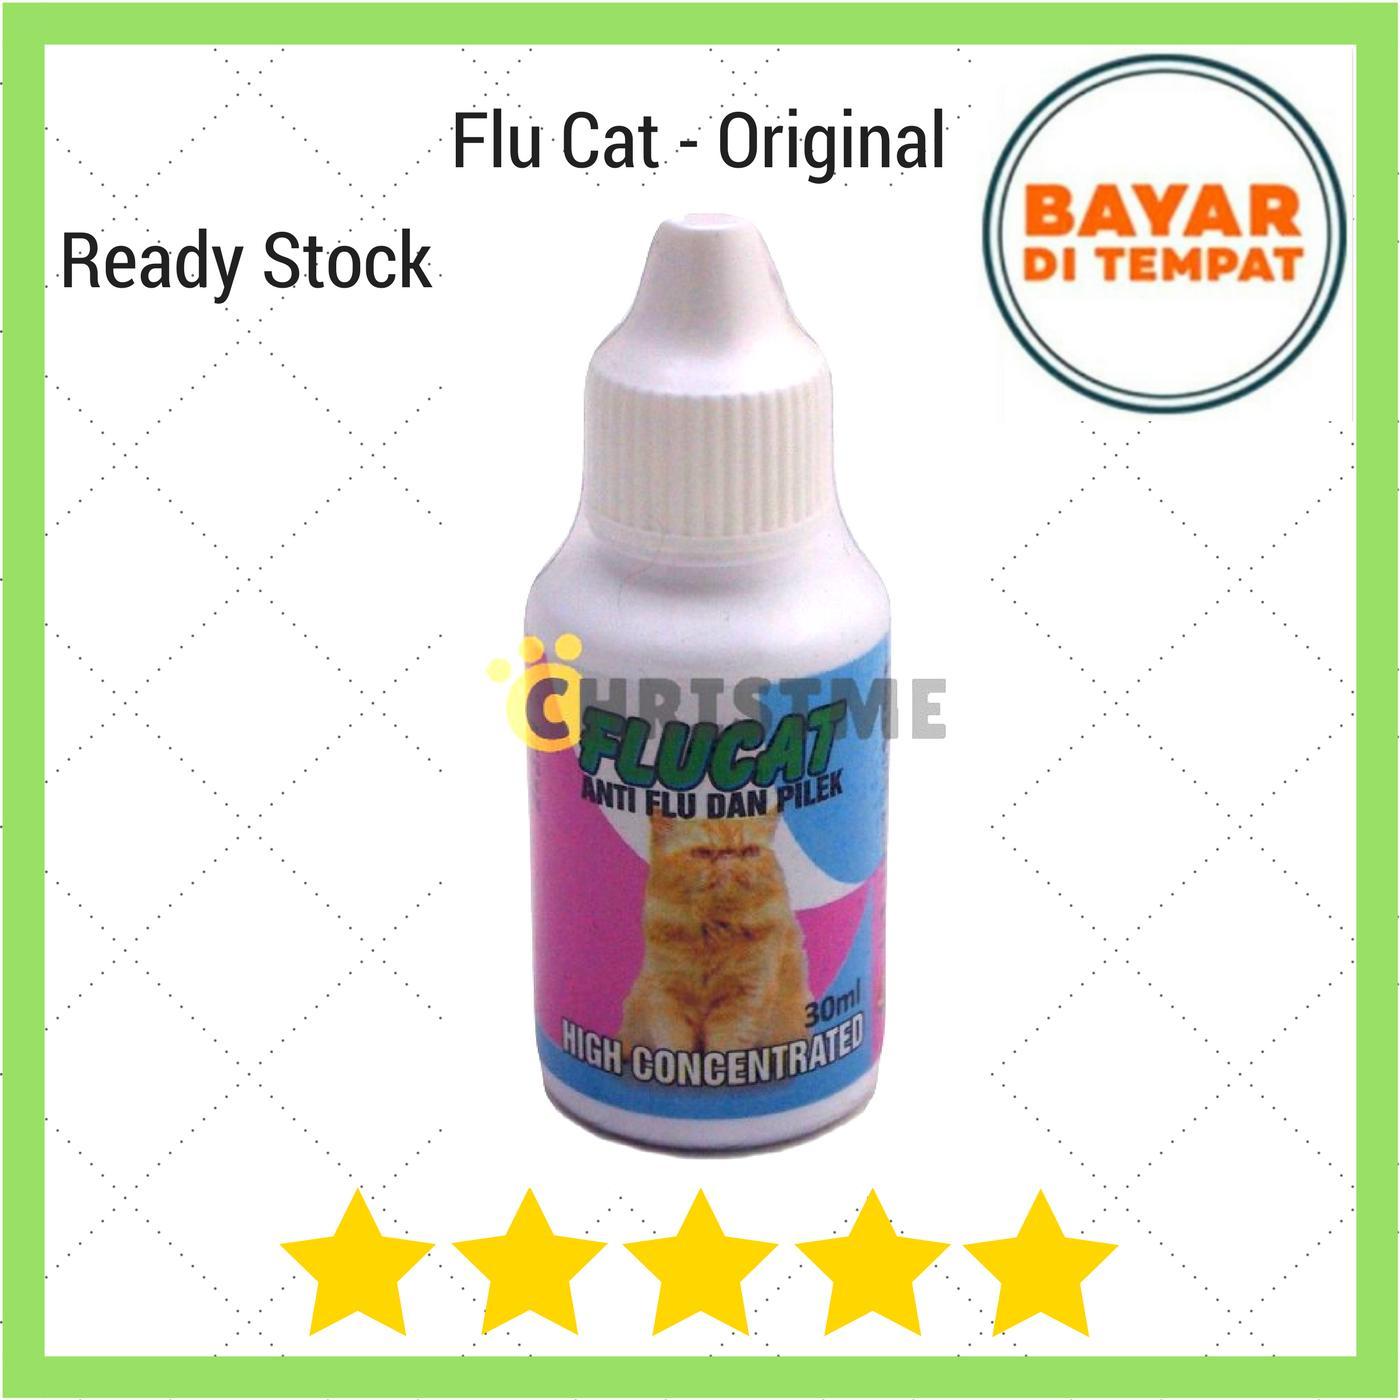 Flu Cat 30ml Original - Obat Flu Dan Pilek Pada Kucing Ingusan Bersin By Christ Me.